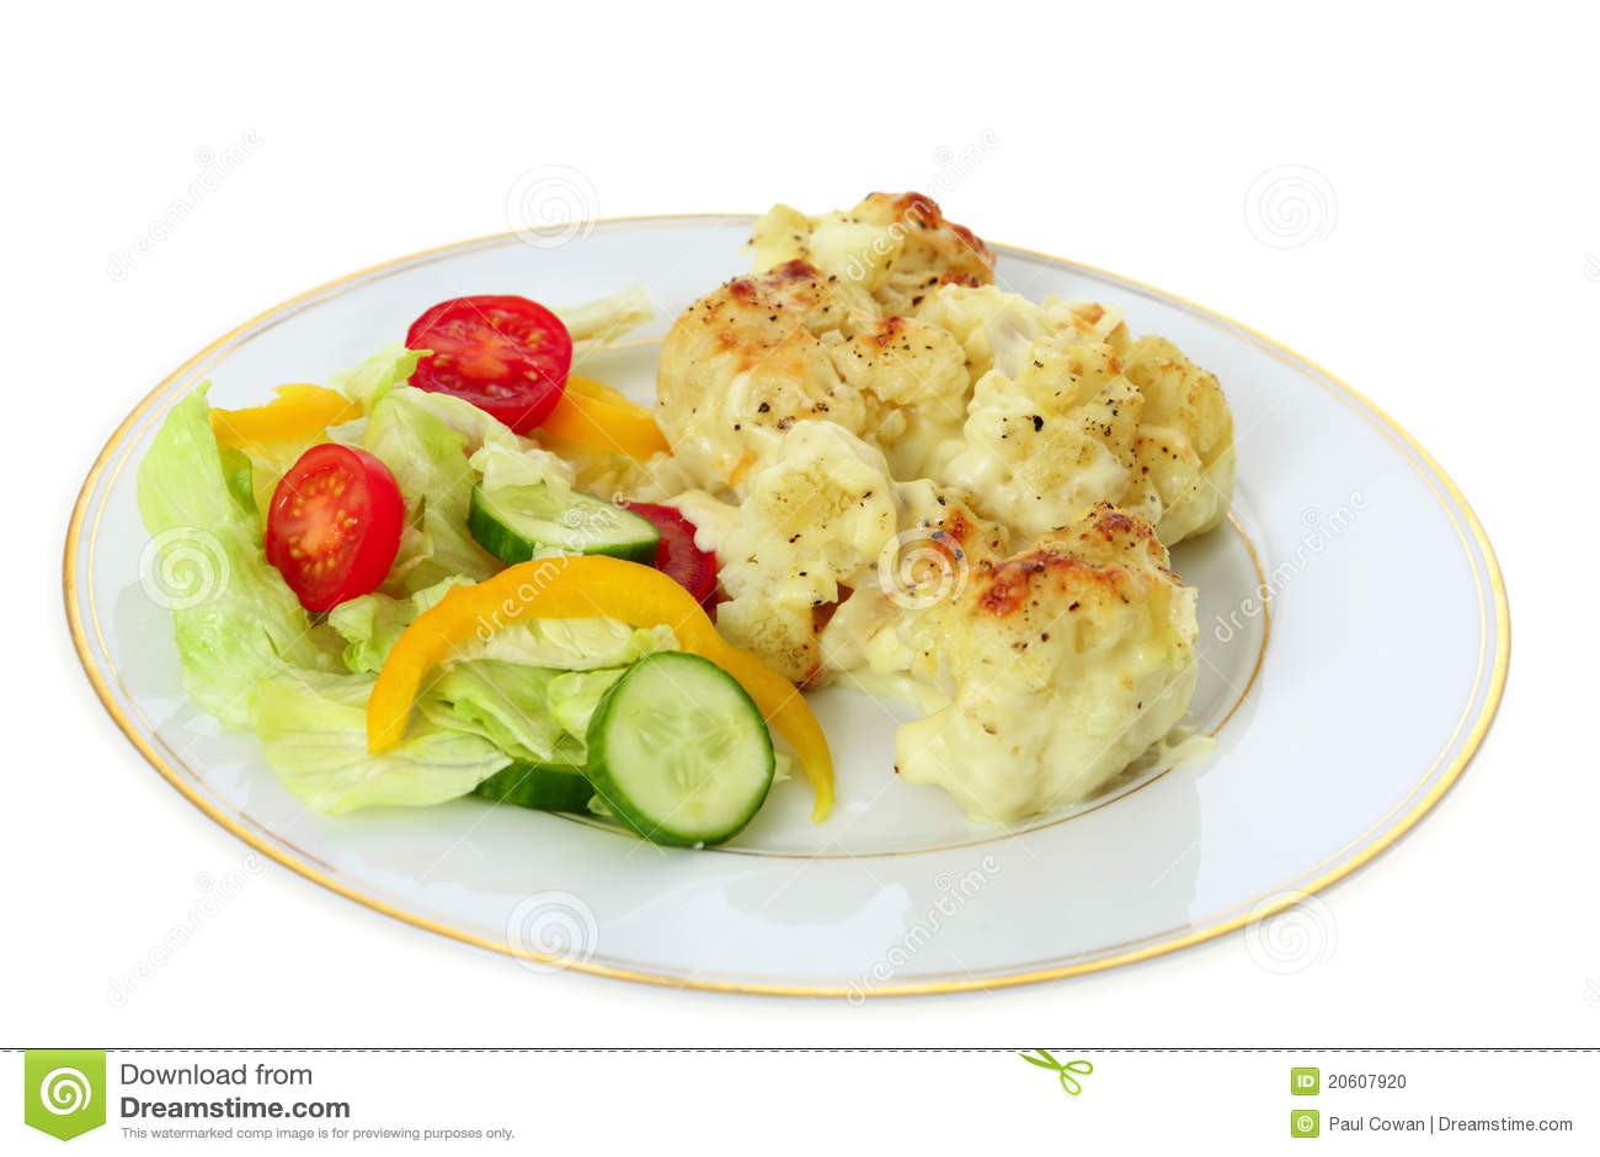 Fromage Et Salade De Chou Fleur Photo Stock Image Du Repas